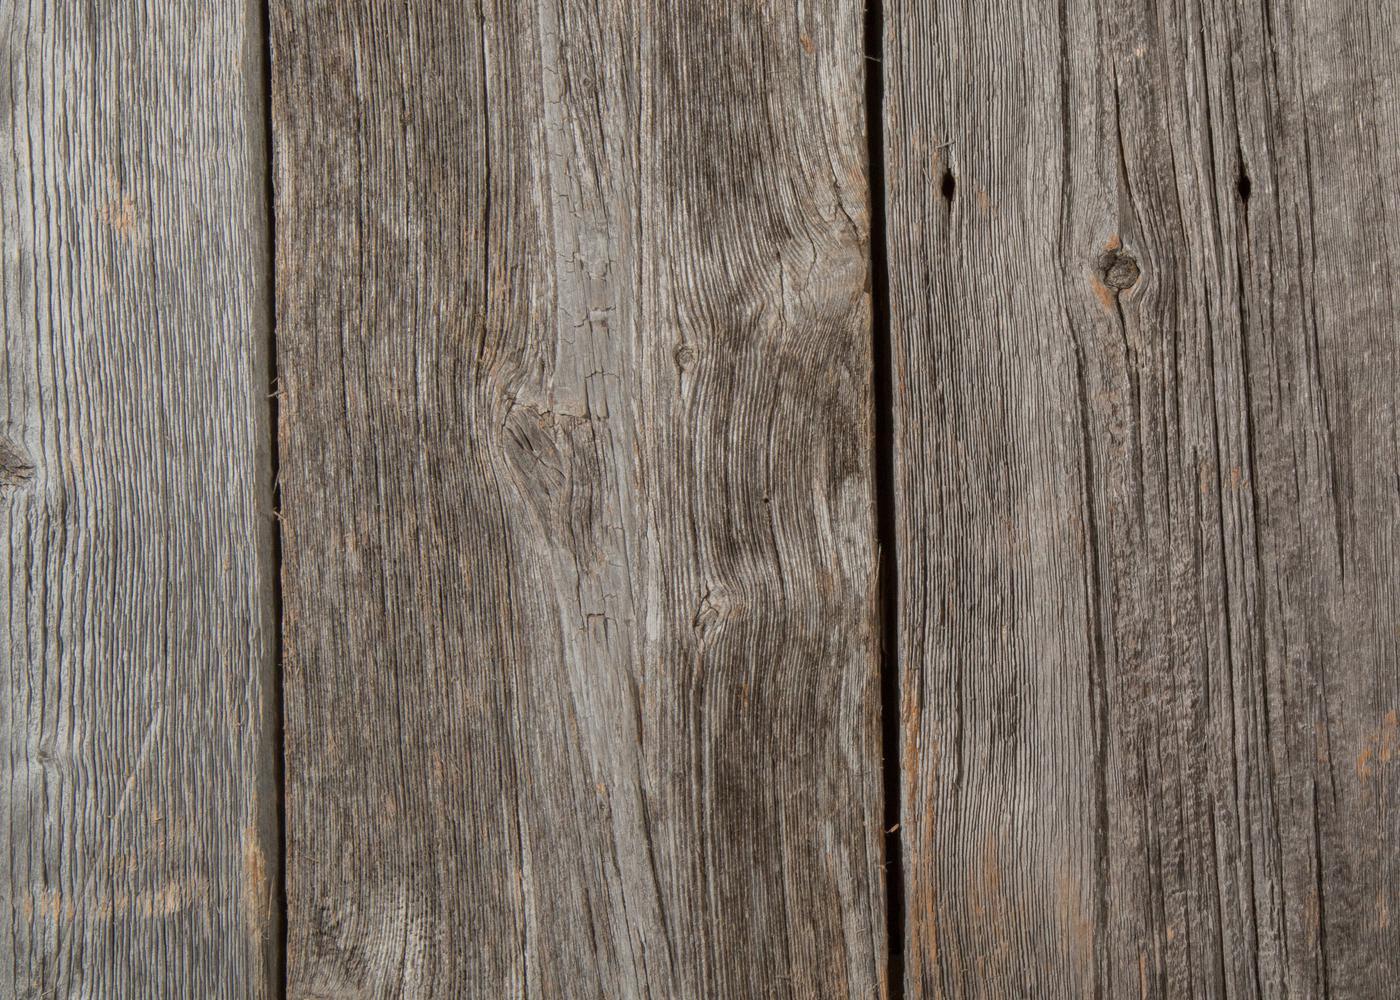 Bardage monolame bois us déligné raboté campagne vieilli gris select brut - fsc , longueurs de 4,2 à 4,7m